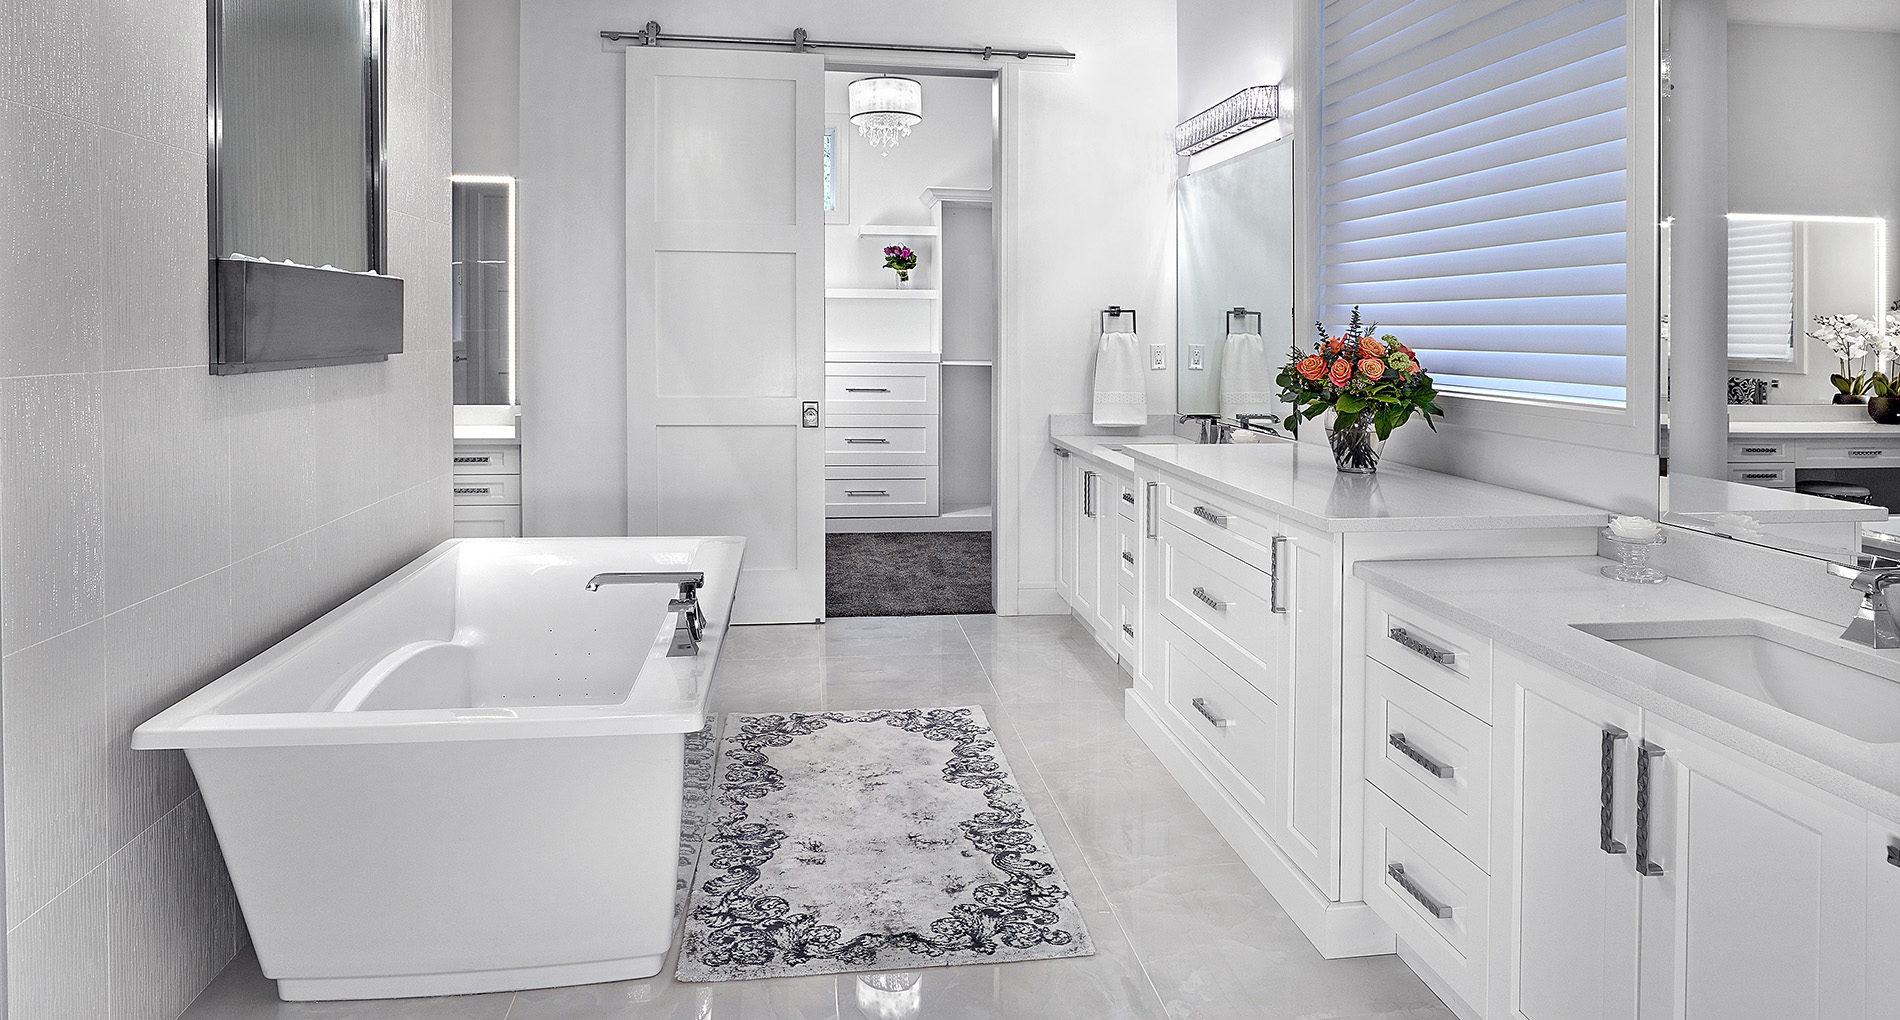 Bathroom Renovation Springwater Scondale Slider